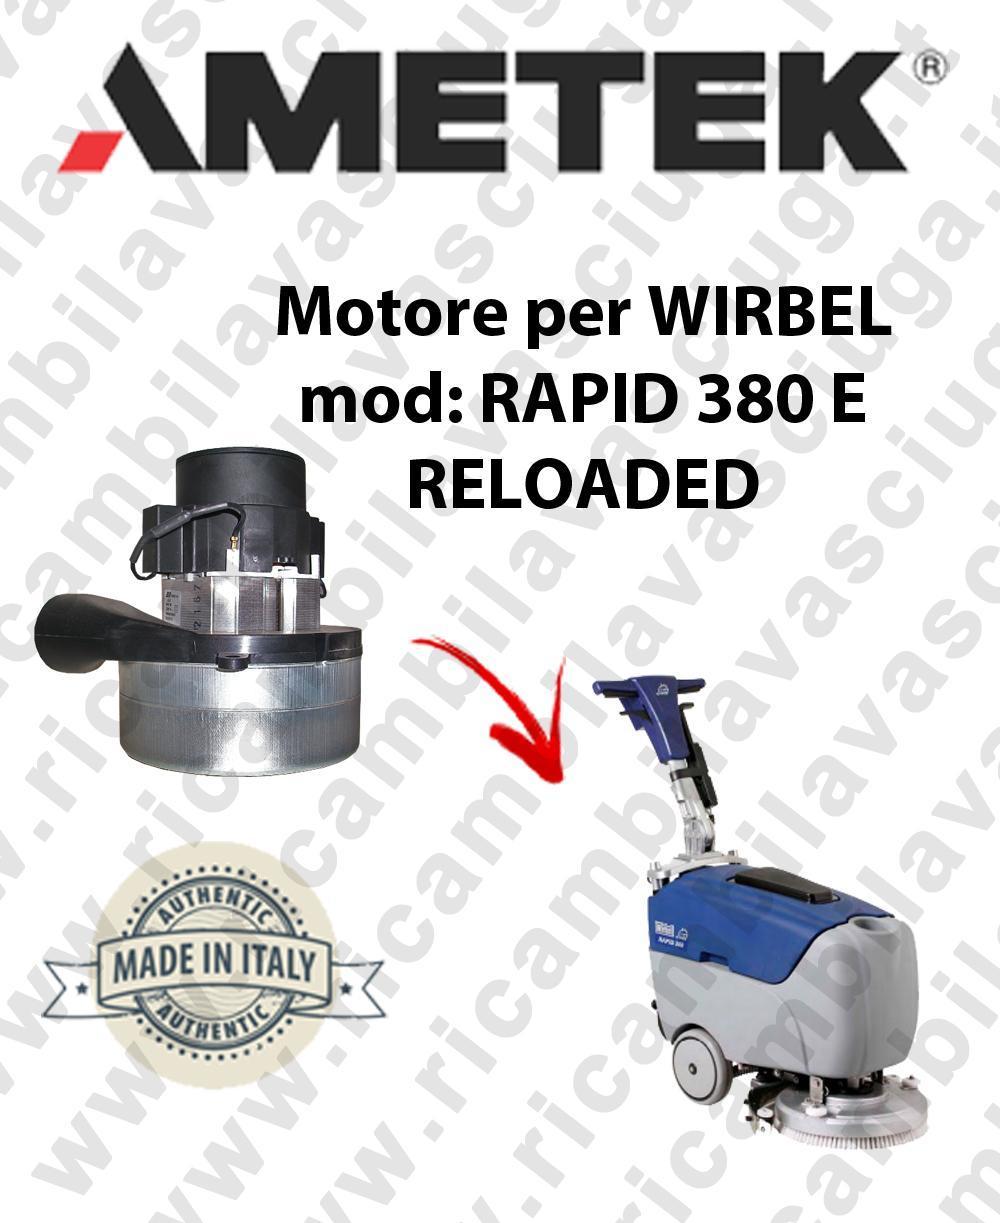 RAPID 380 E RELOADED Ametek vacuum motor for scrubber dryer WIRBEL